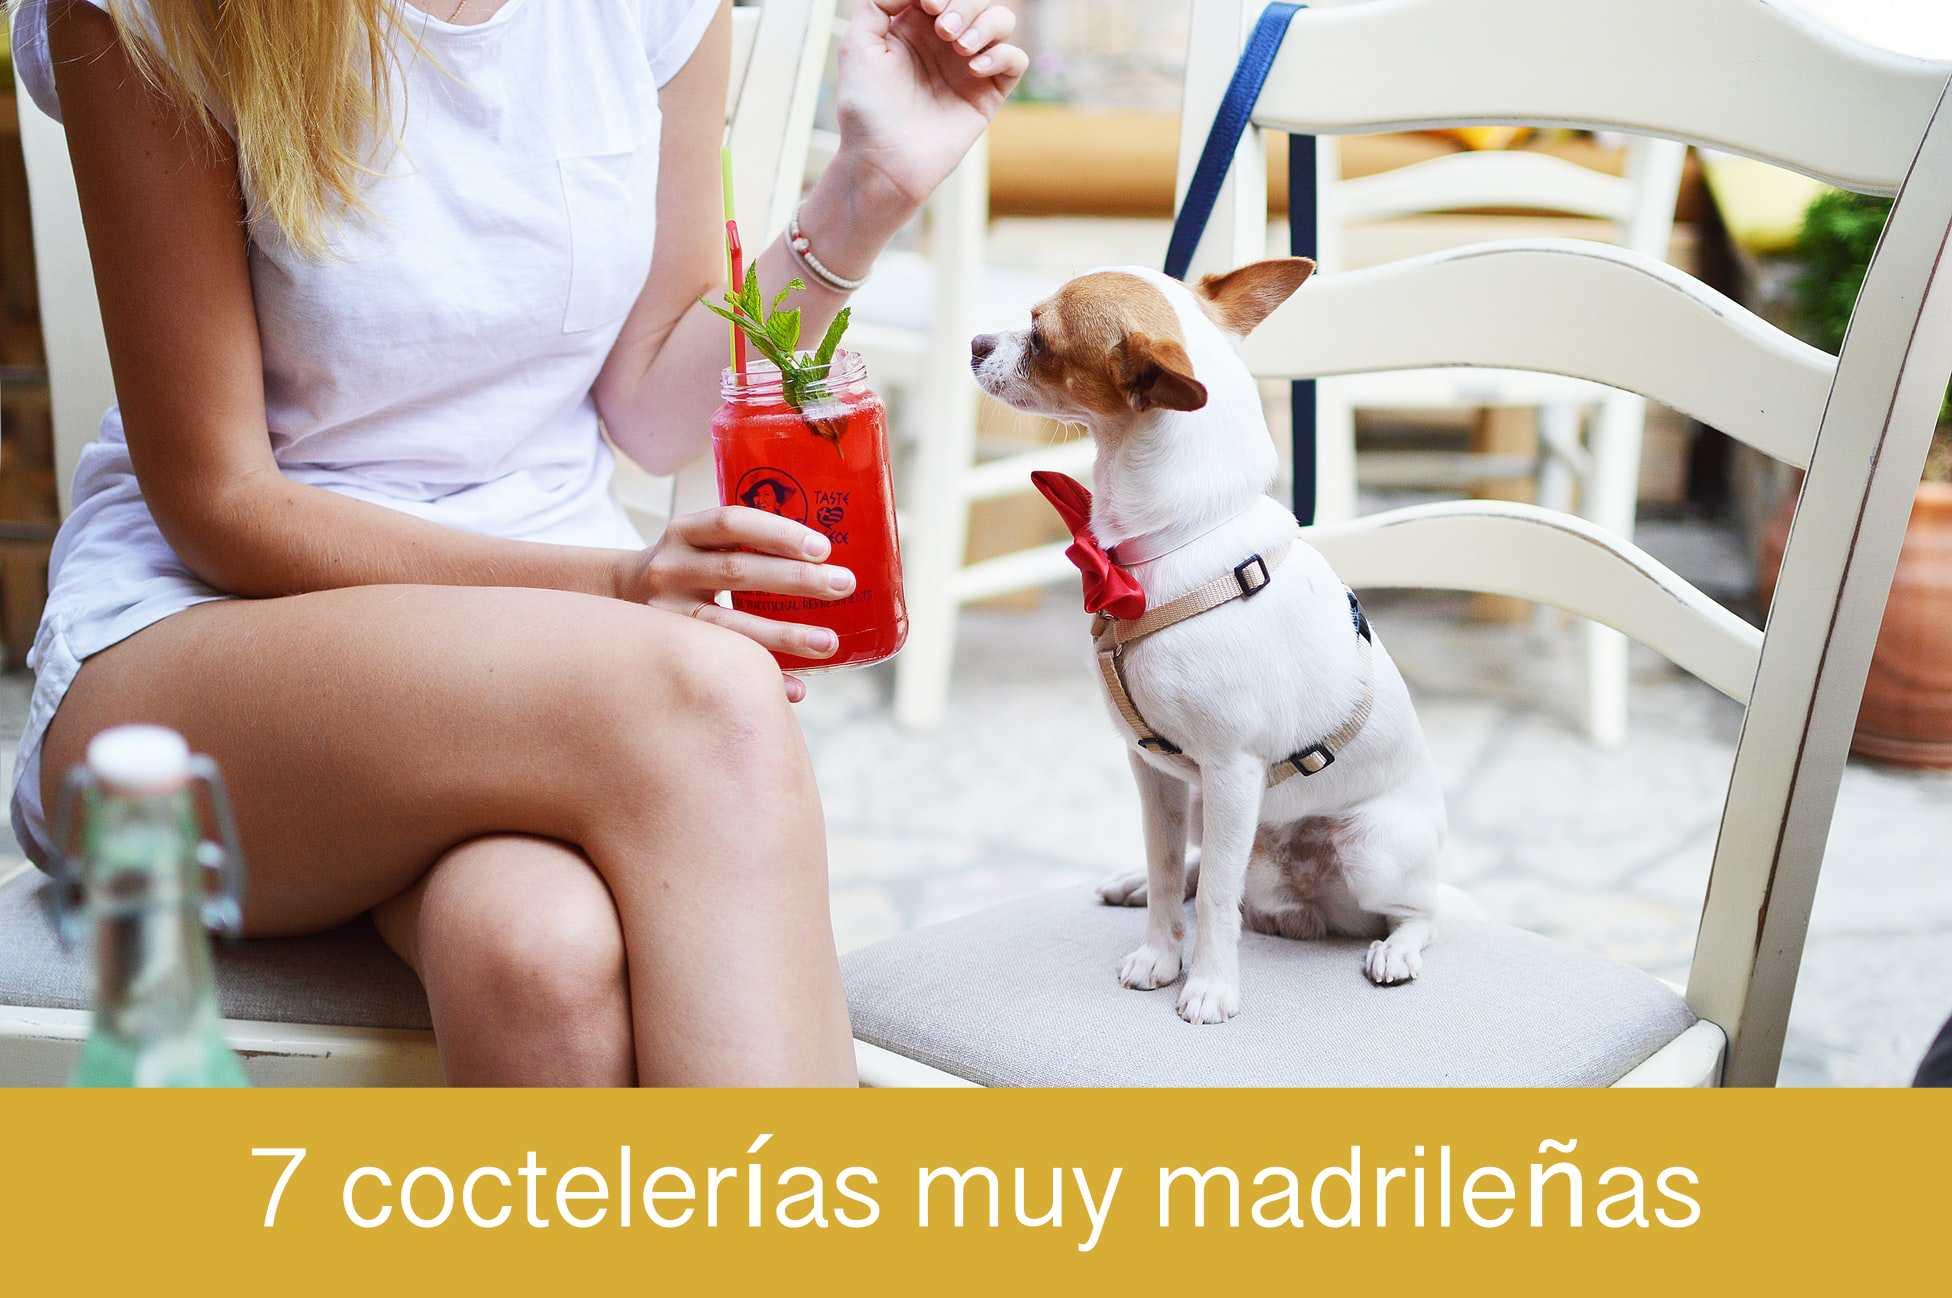 7 coctelerías muy madrileñas